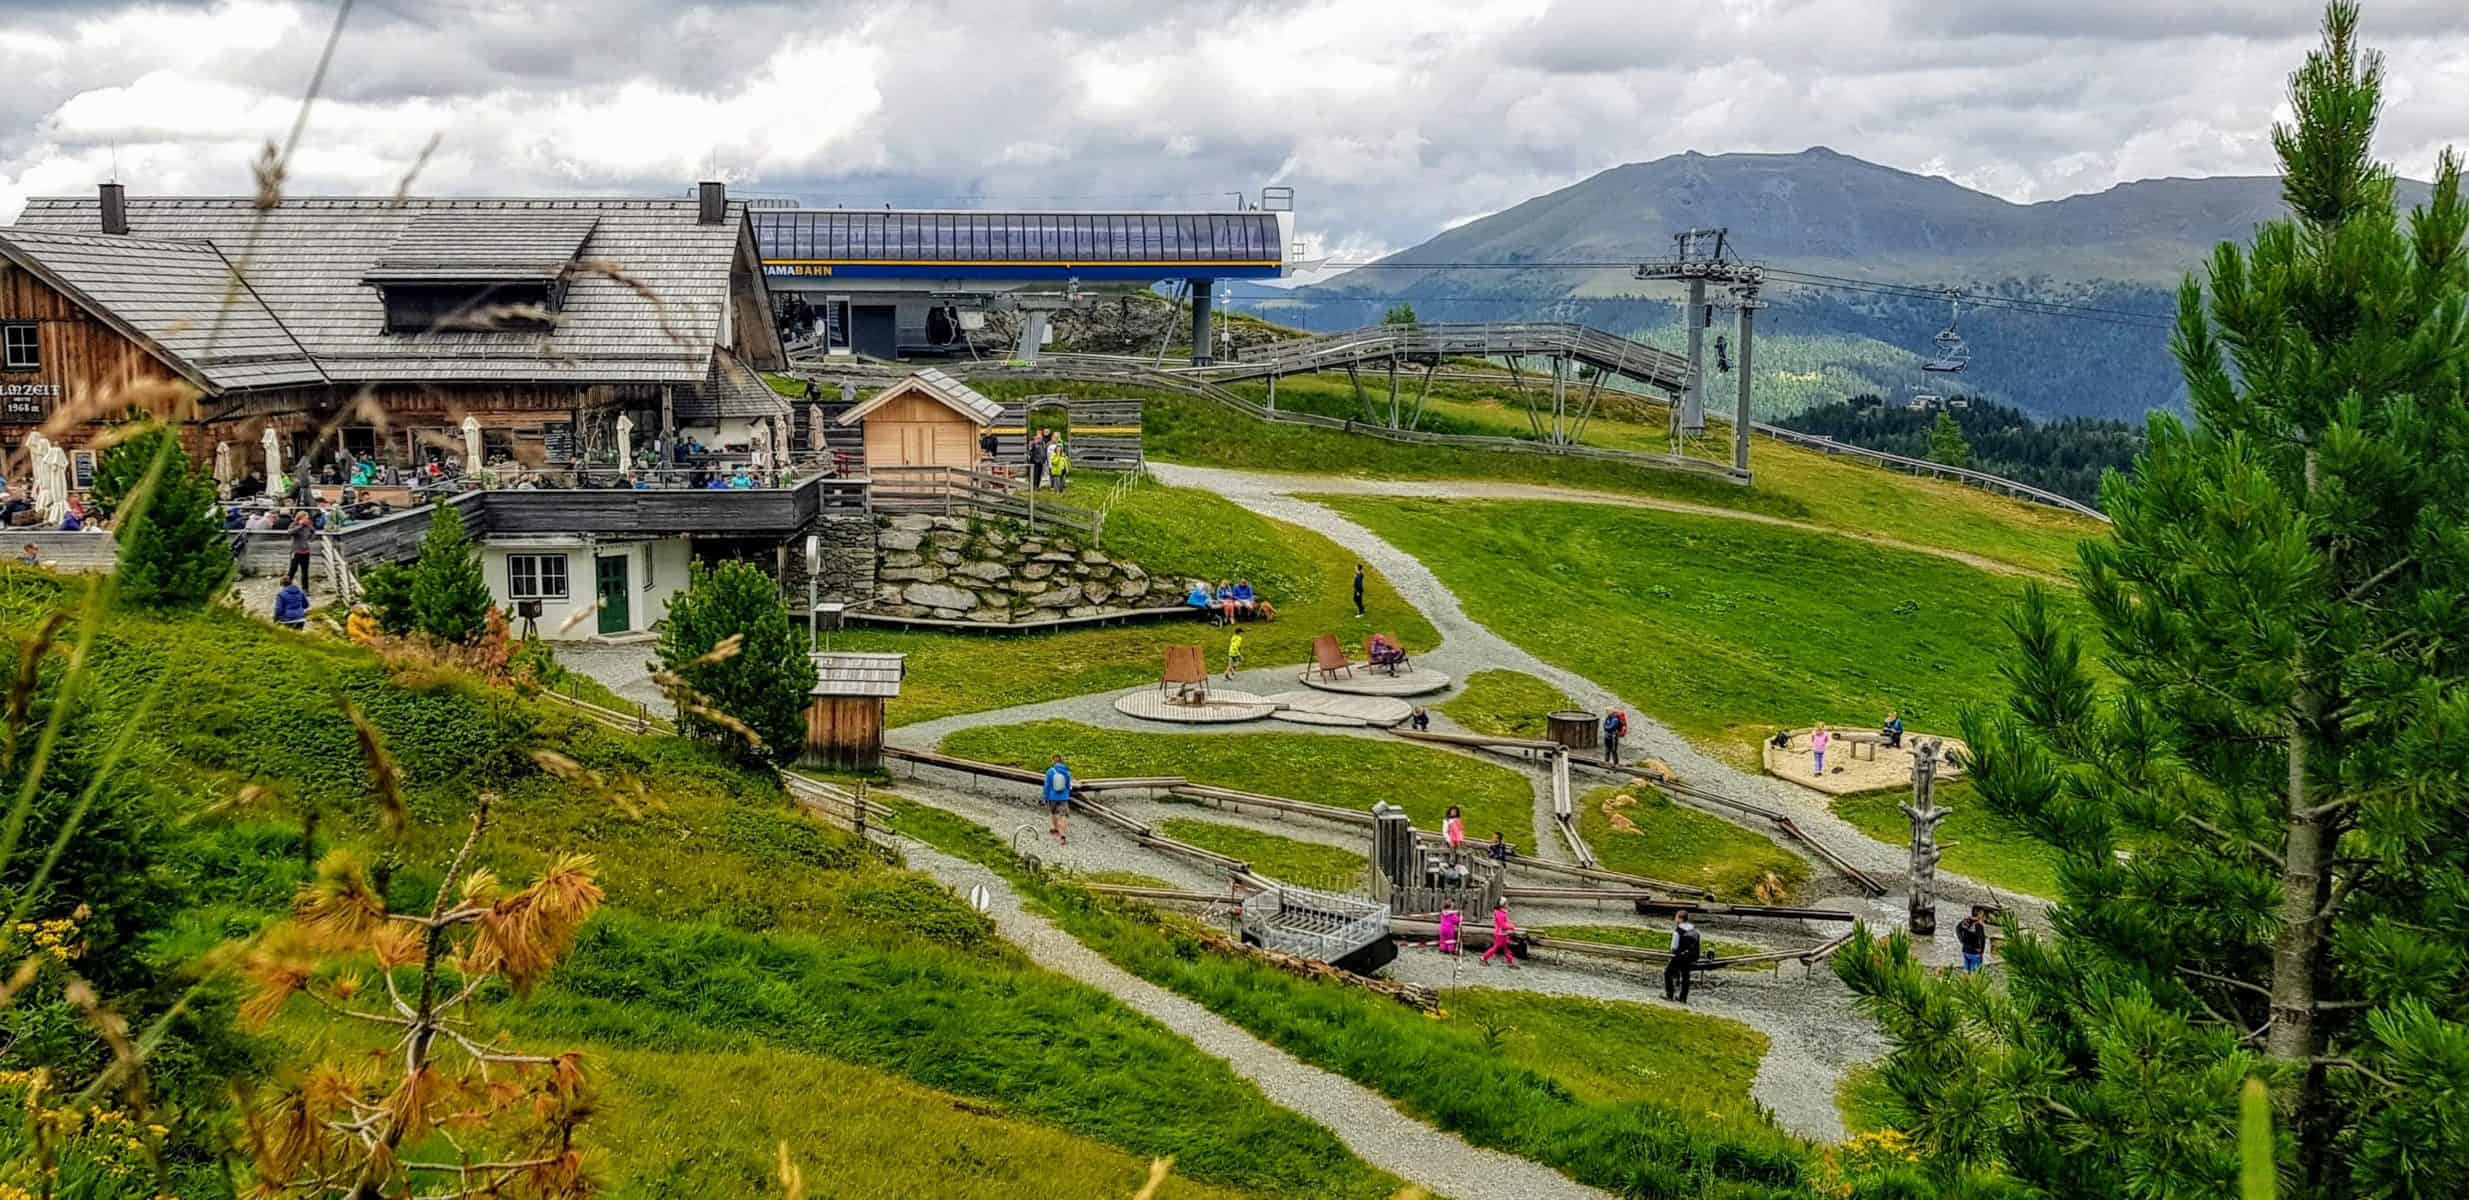 Panoramabahn Turracher Höhe mit Kindererlebniswelt Nockys Almzeit und Rodelbahn Nocky Flitzer - sehenswert auf der Turrach